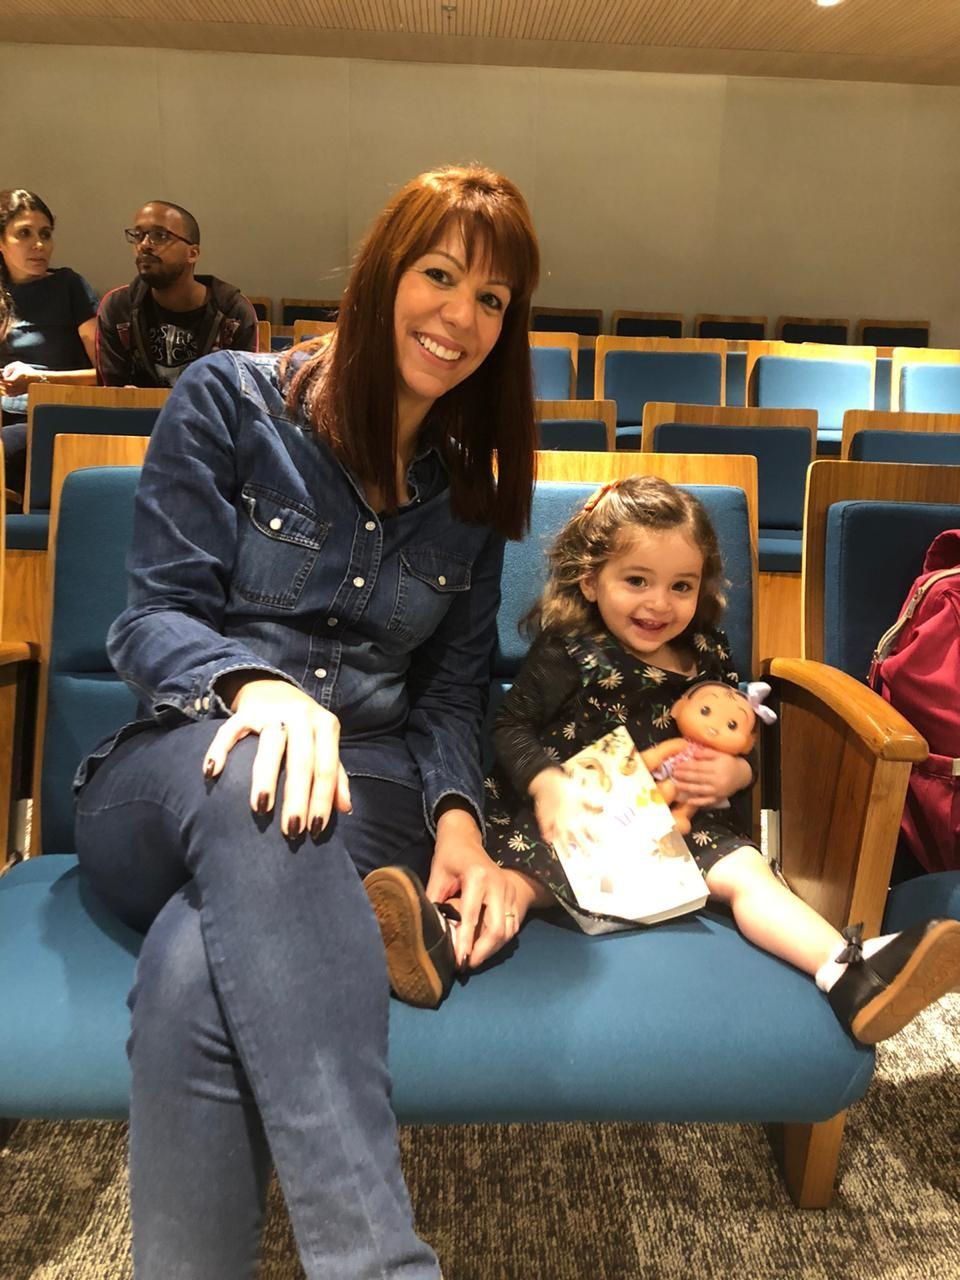 Rachel Pinheiro Costa: assinante foi ao Encontro com Autores Globo Livros, no auditório do GLOBO